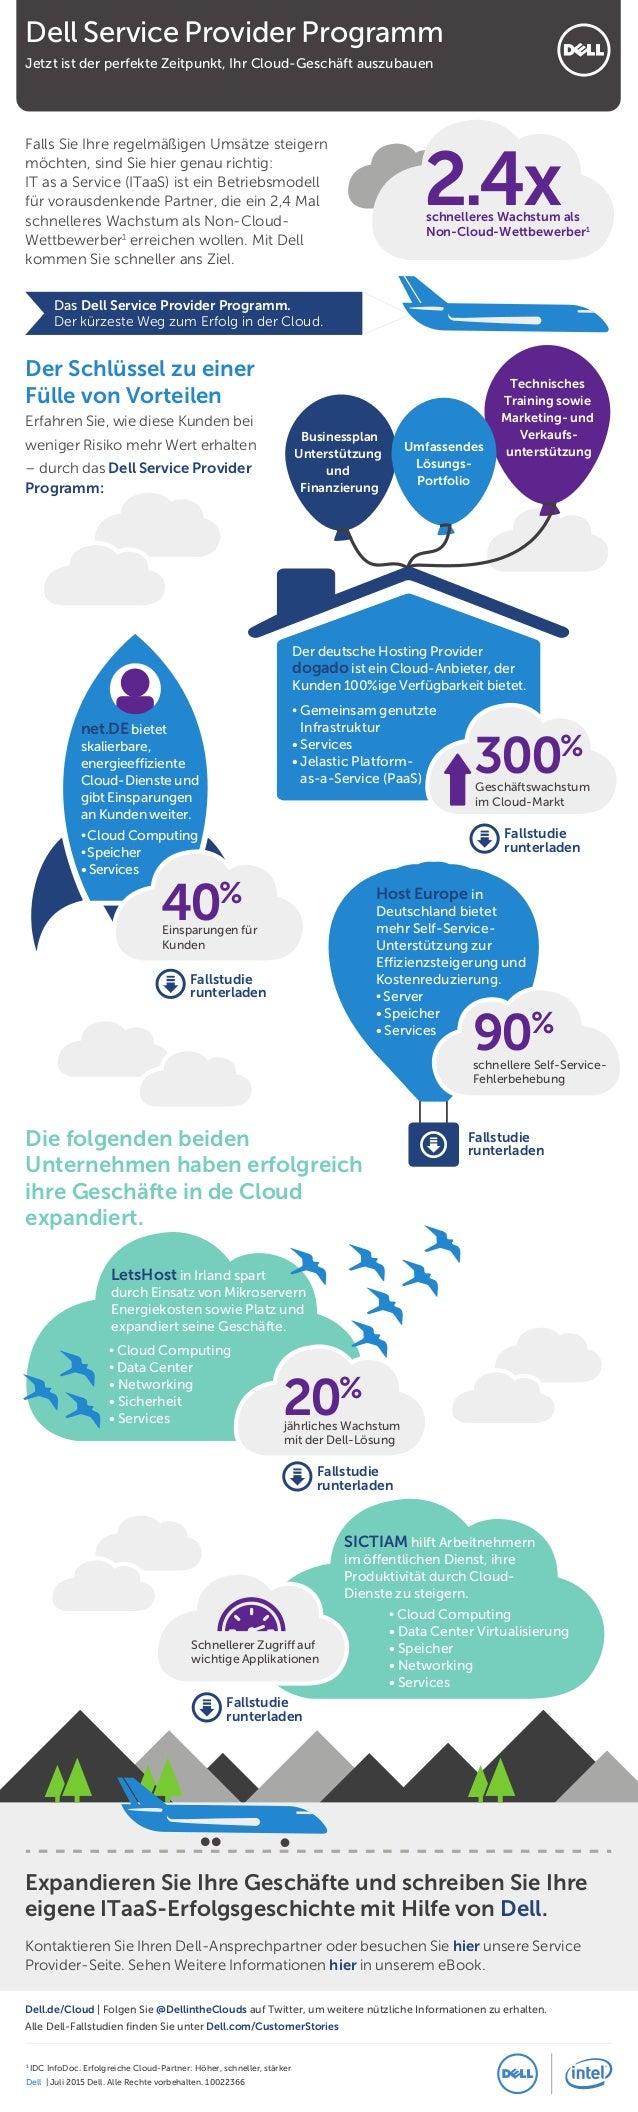 Das Dell Service Provider Programm. Der kürzeste Weg zum Erfolg in der Cloud. Businessplan Unterstützung und Finanzierung ...